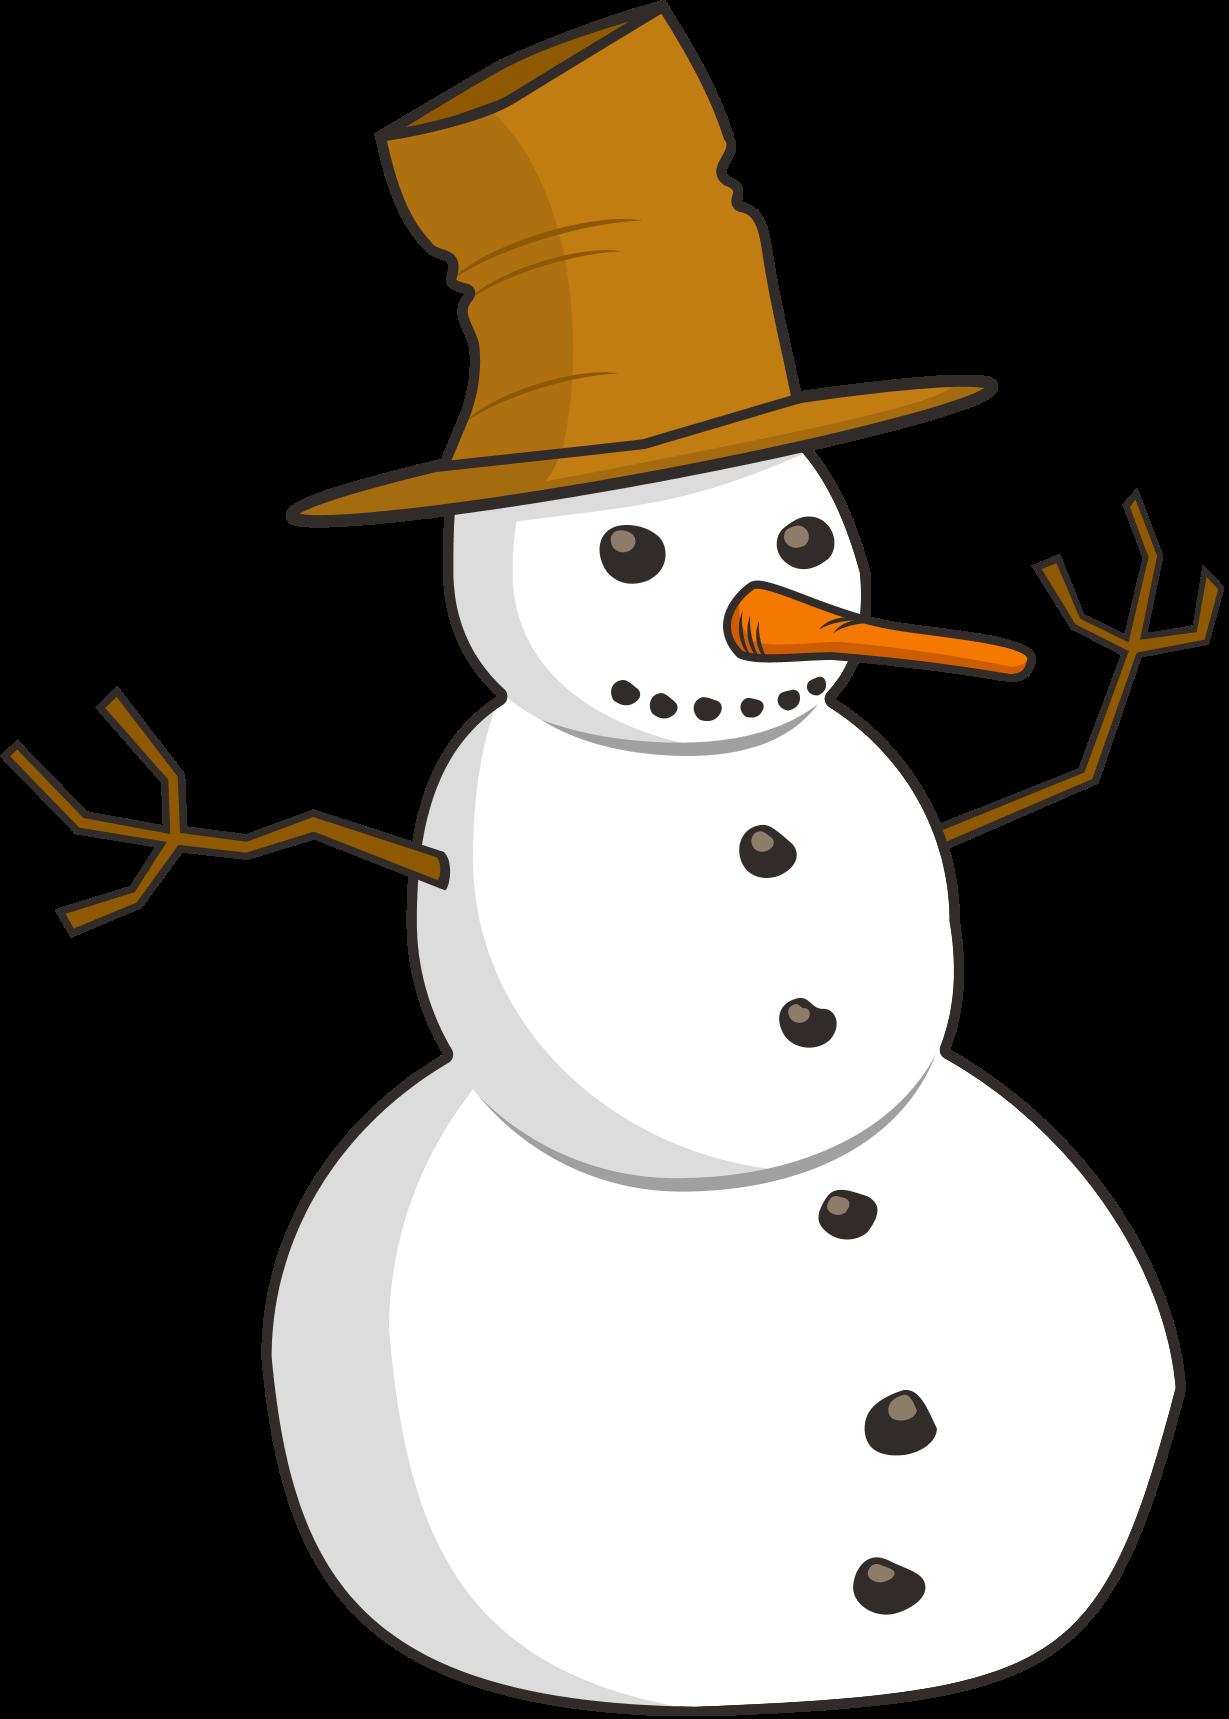 Snowman clipart basic Clipartix Snowman images art snowman